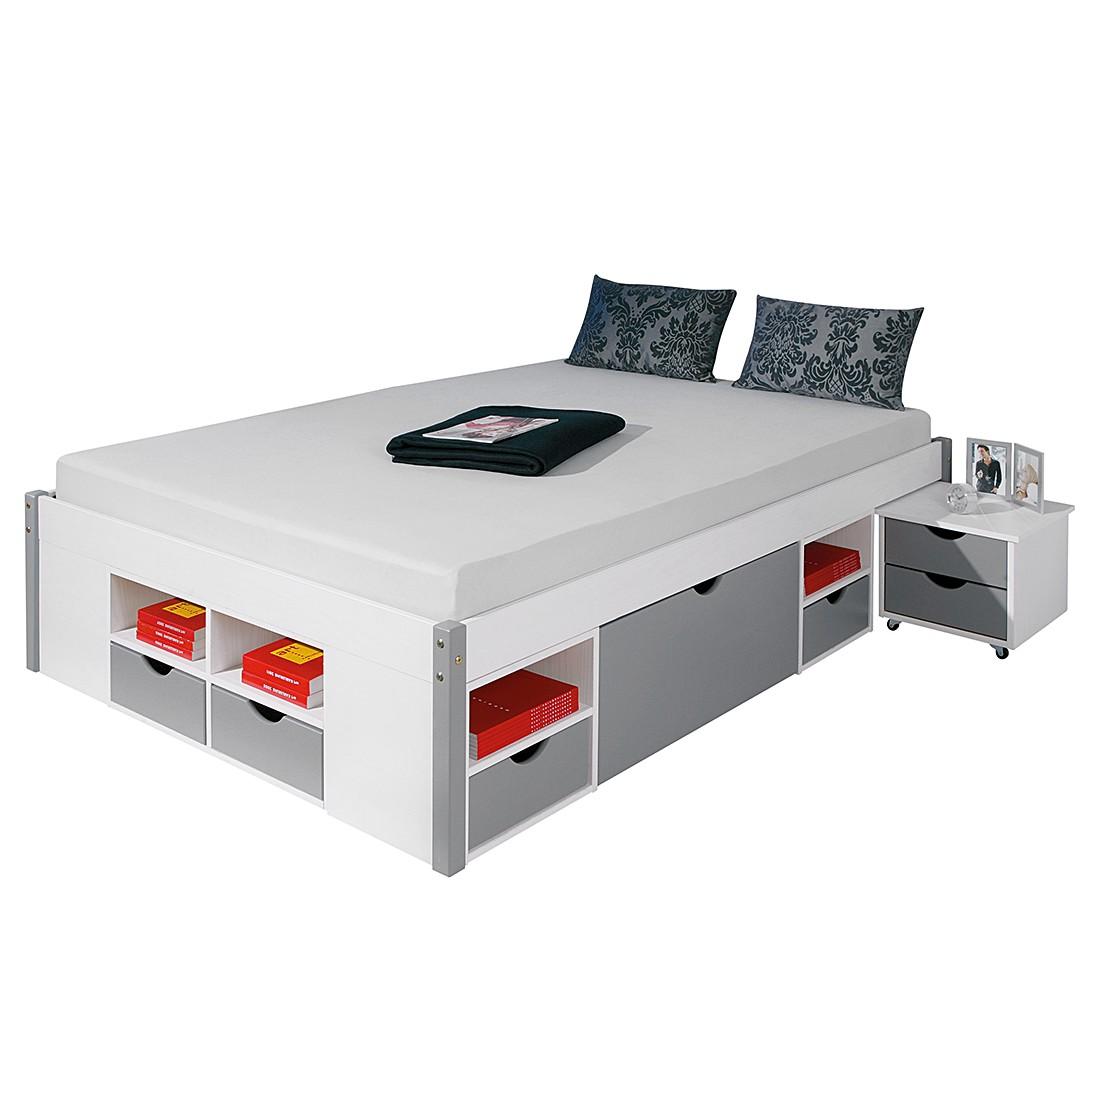 Funktionsbett Maren (inklusive Nachtkommoden) – Kiefer massiv – Weiß lackiert – 140×200 cm, Lars Larson günstig kaufen